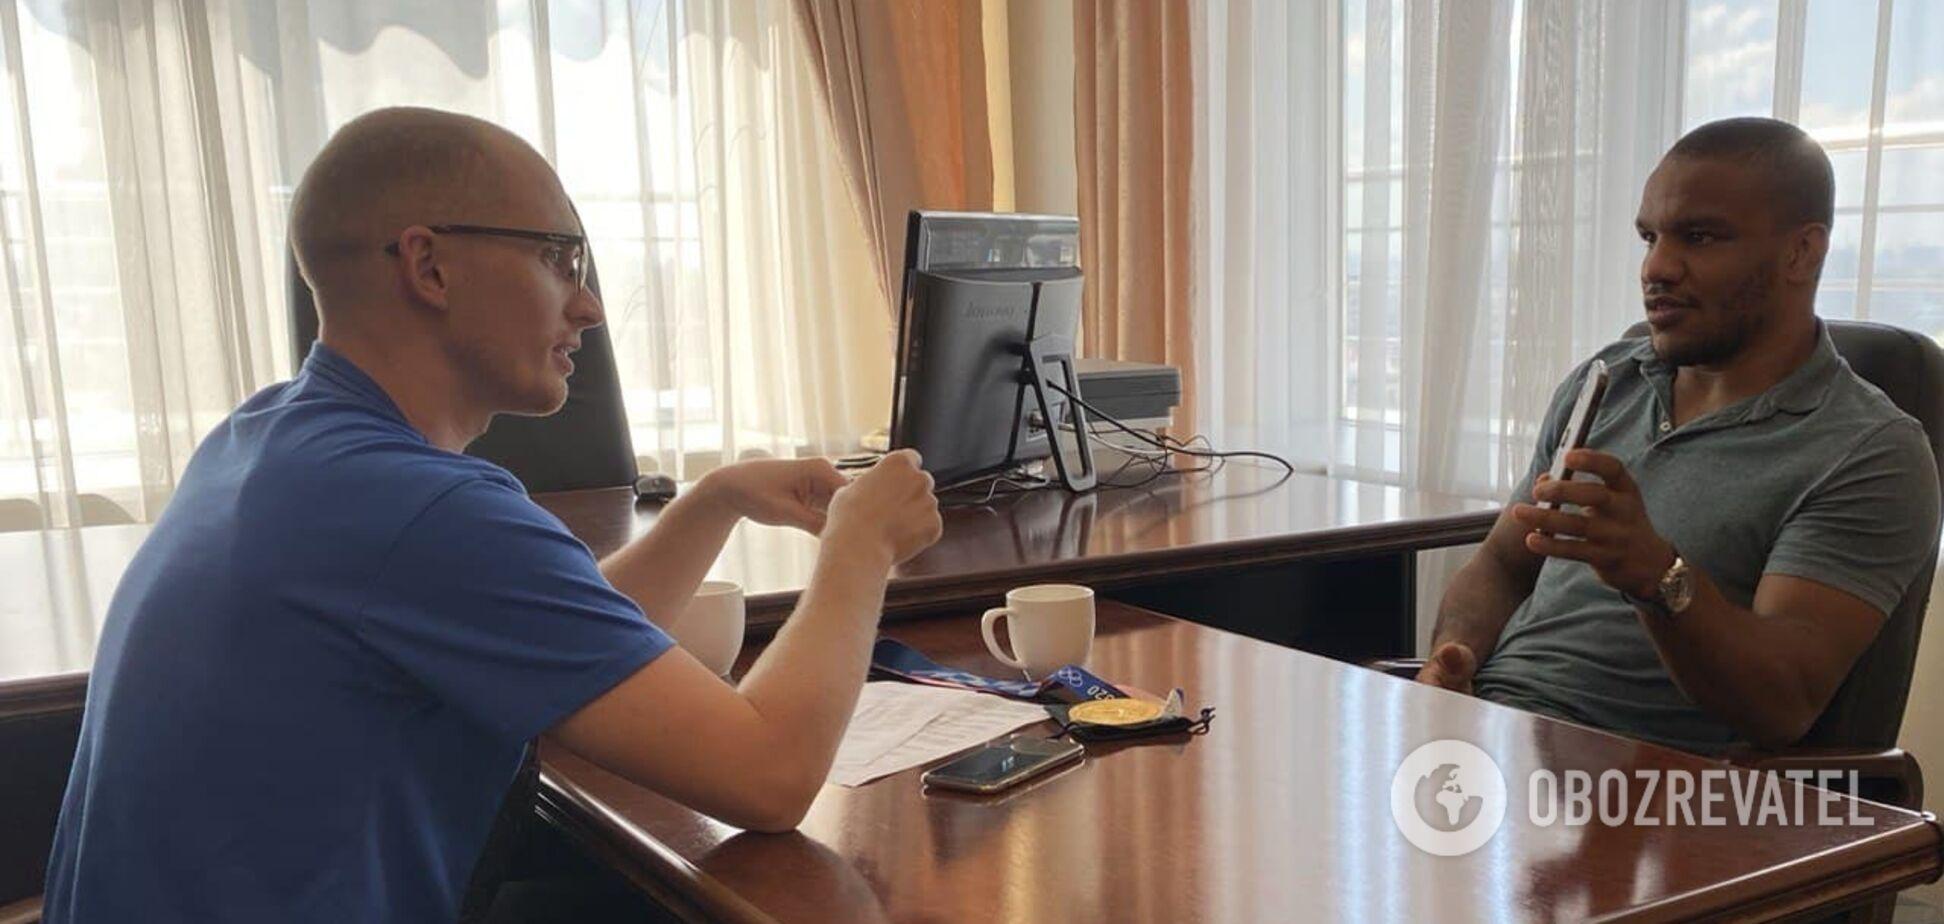 Беленюк объяснил скандалы с украинцами на ОИ. Анонс эксклюзивного интервью